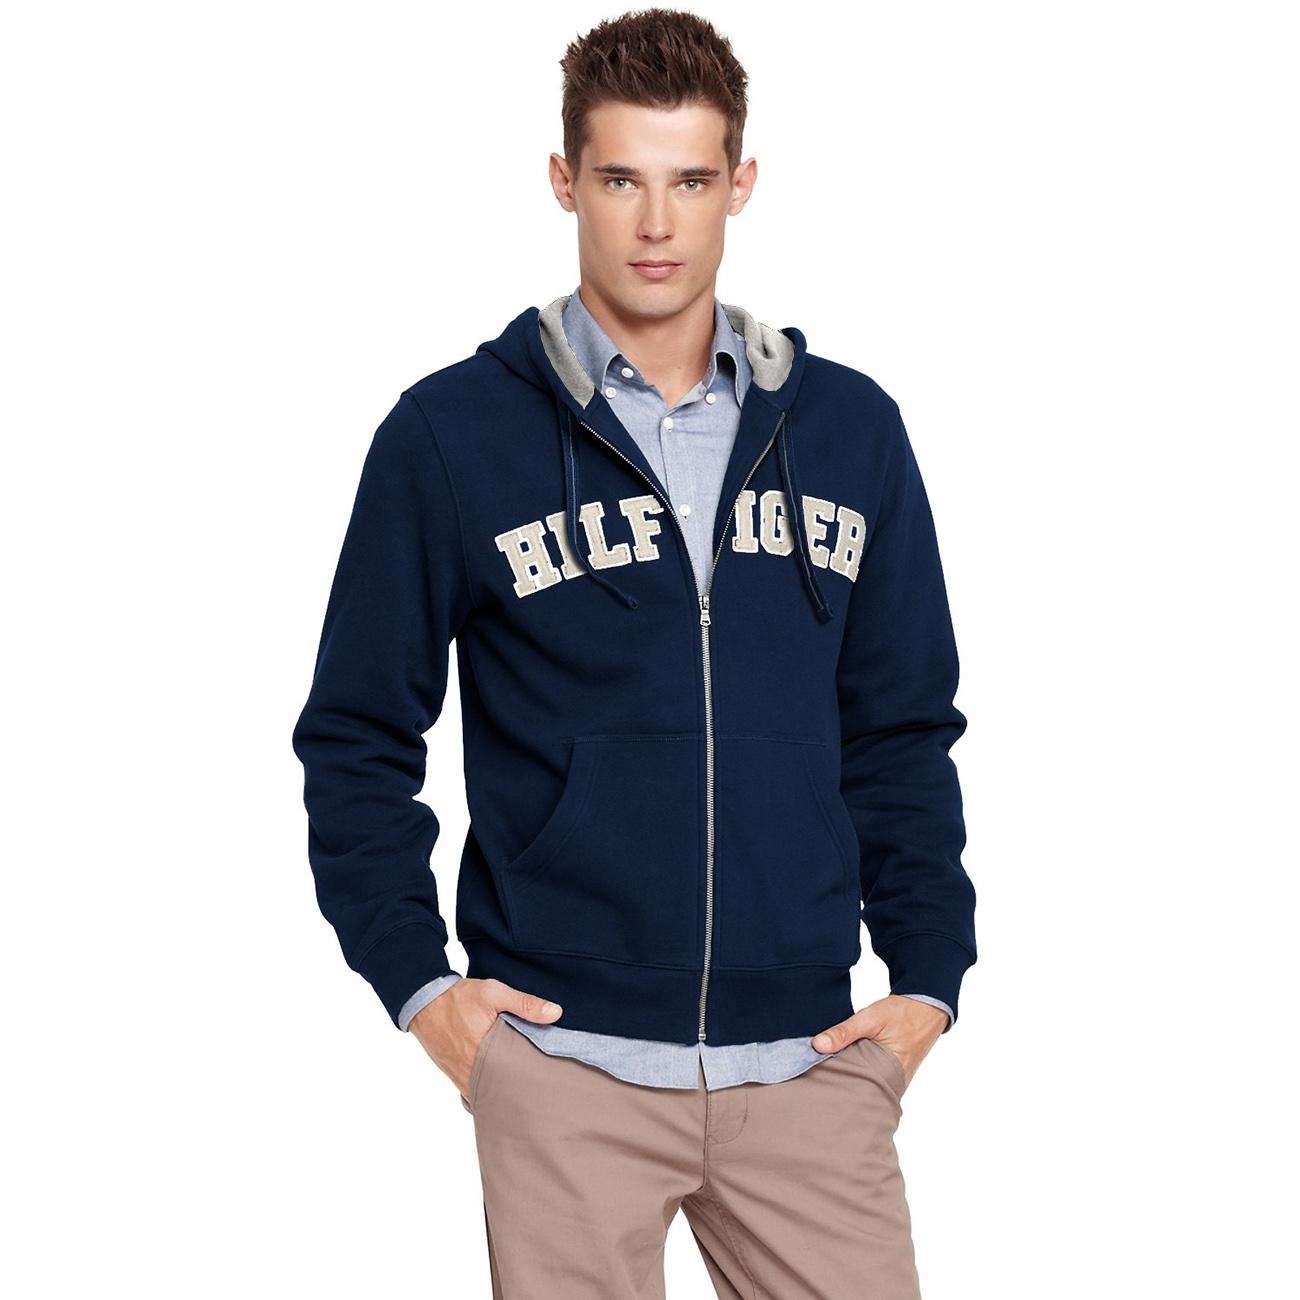 美國百分百【全新真品】Tommy Hilfiger 外套 TH 連帽外套 夾克 深藍 經典 Logo 男 S號 C017